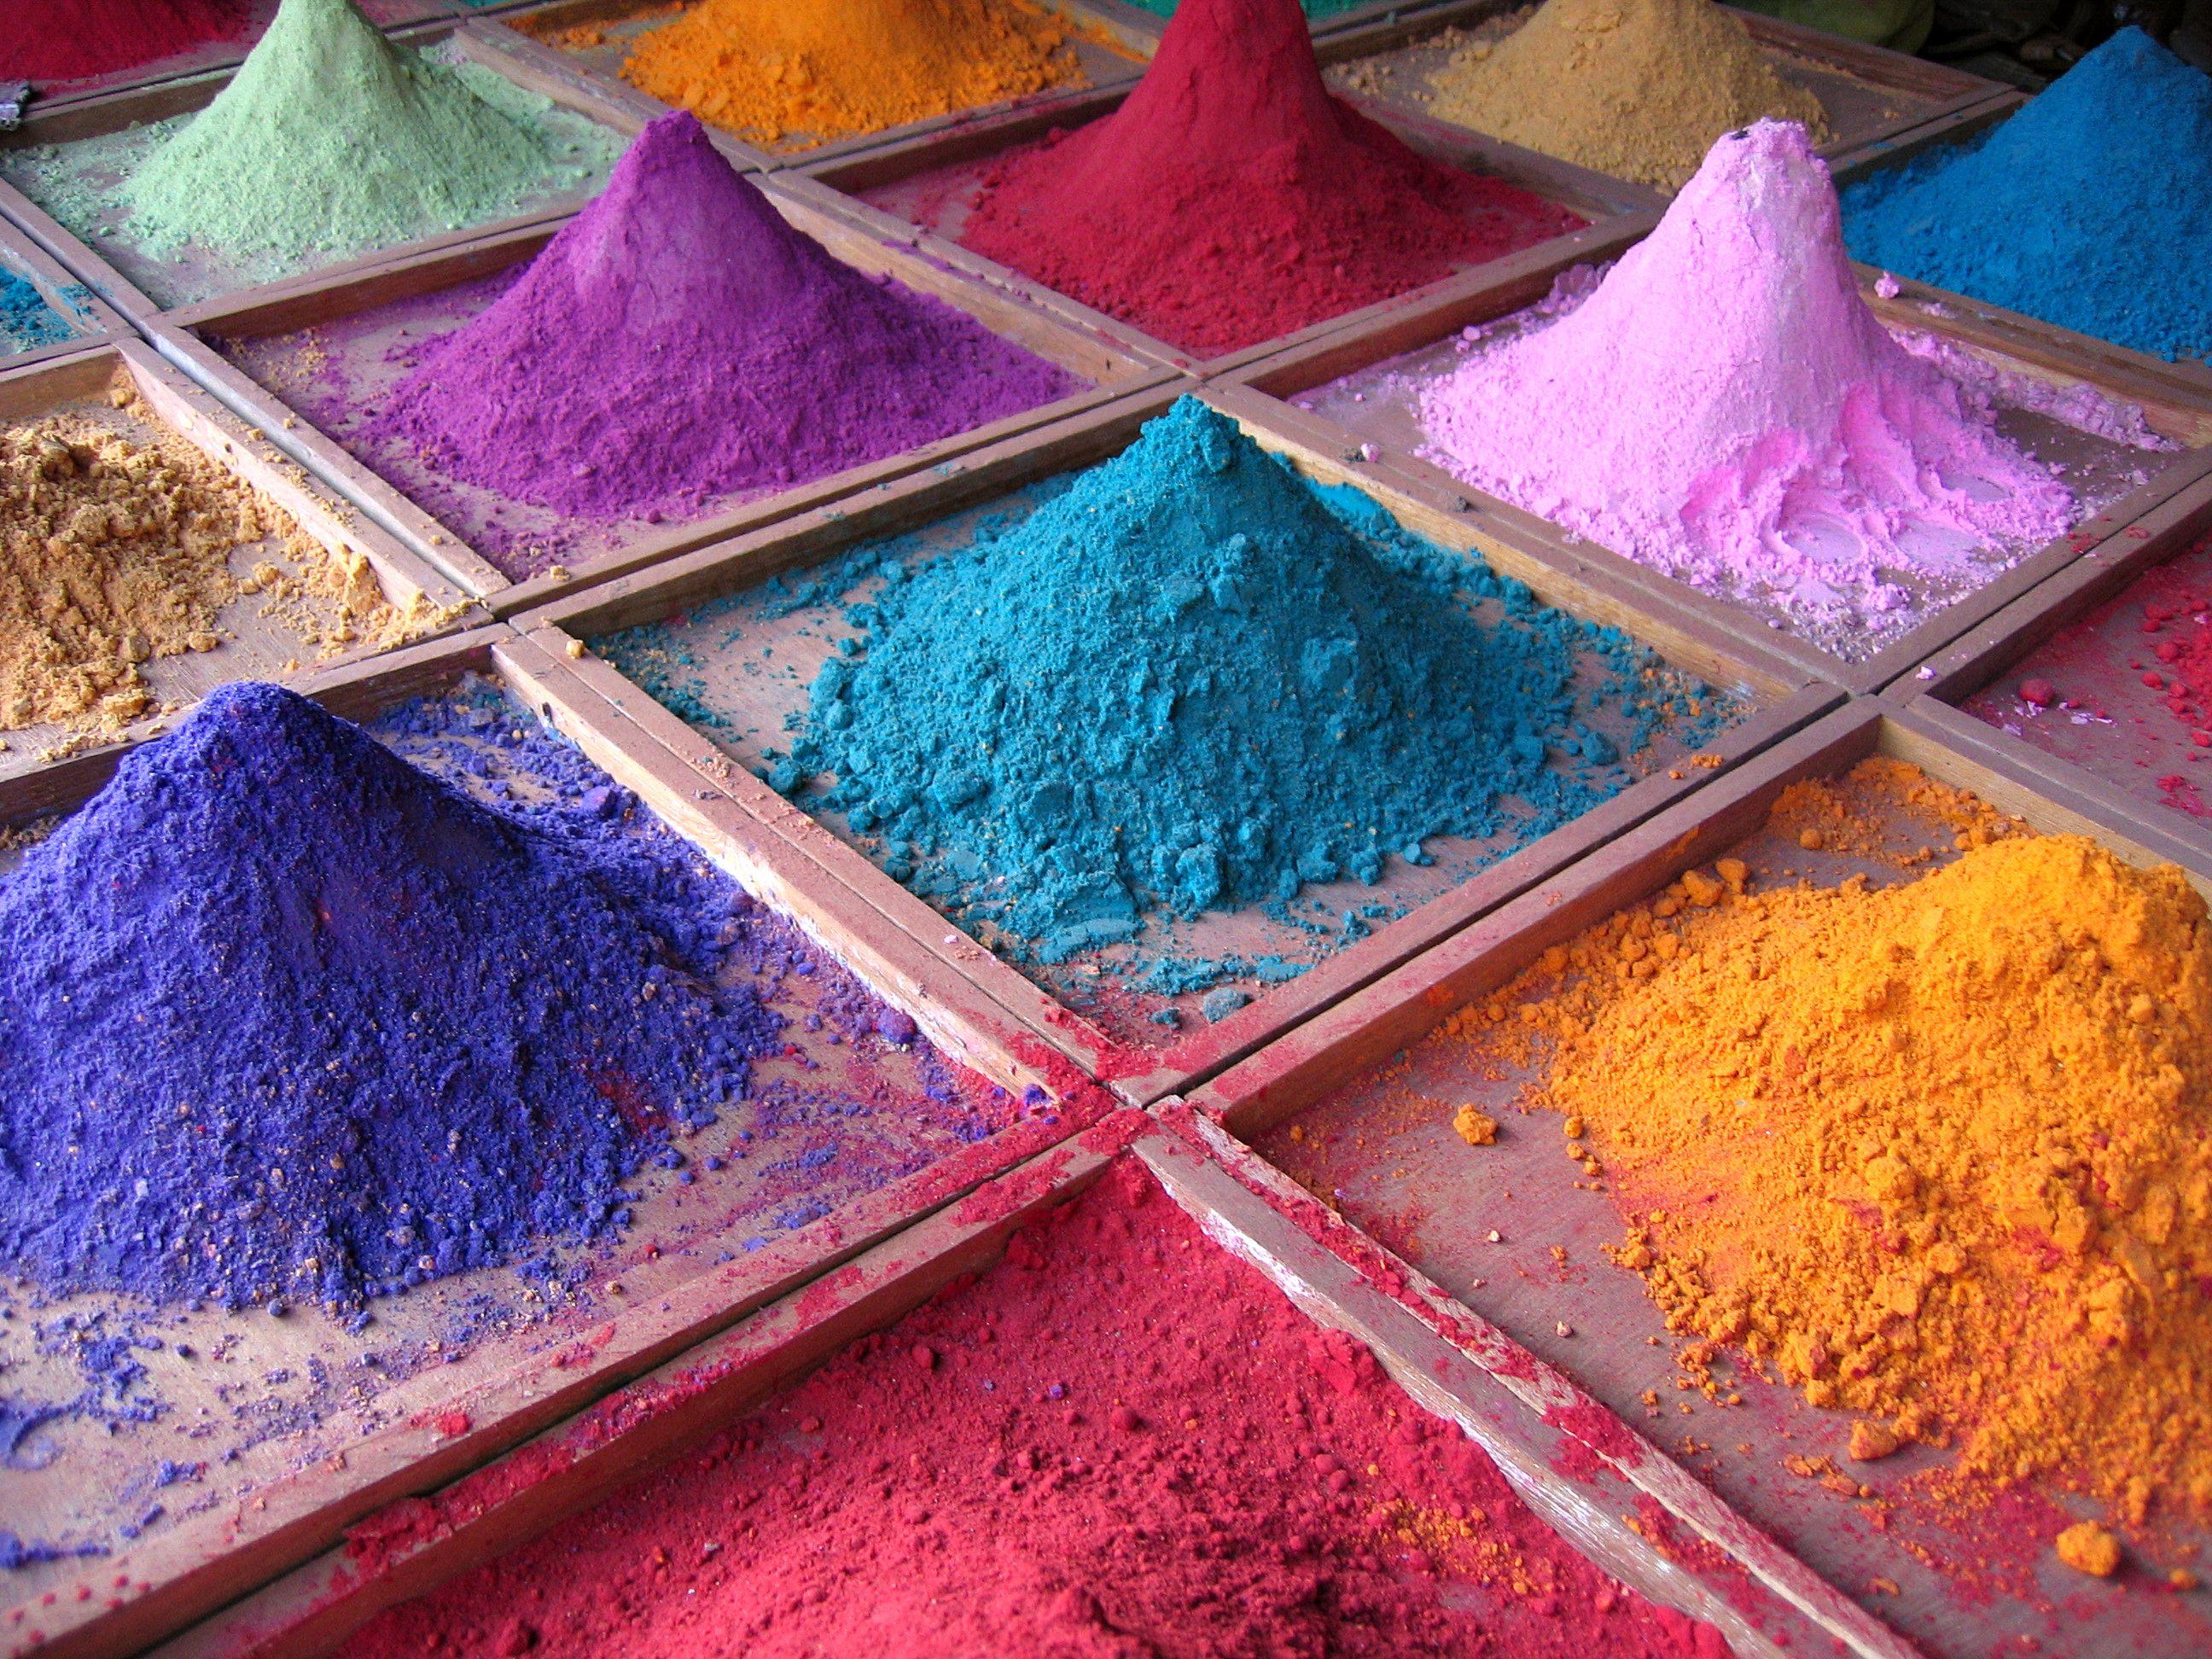 Holi pigment powders | Visual | Pinterest | 2592 x 1944 jpeg 1101kB